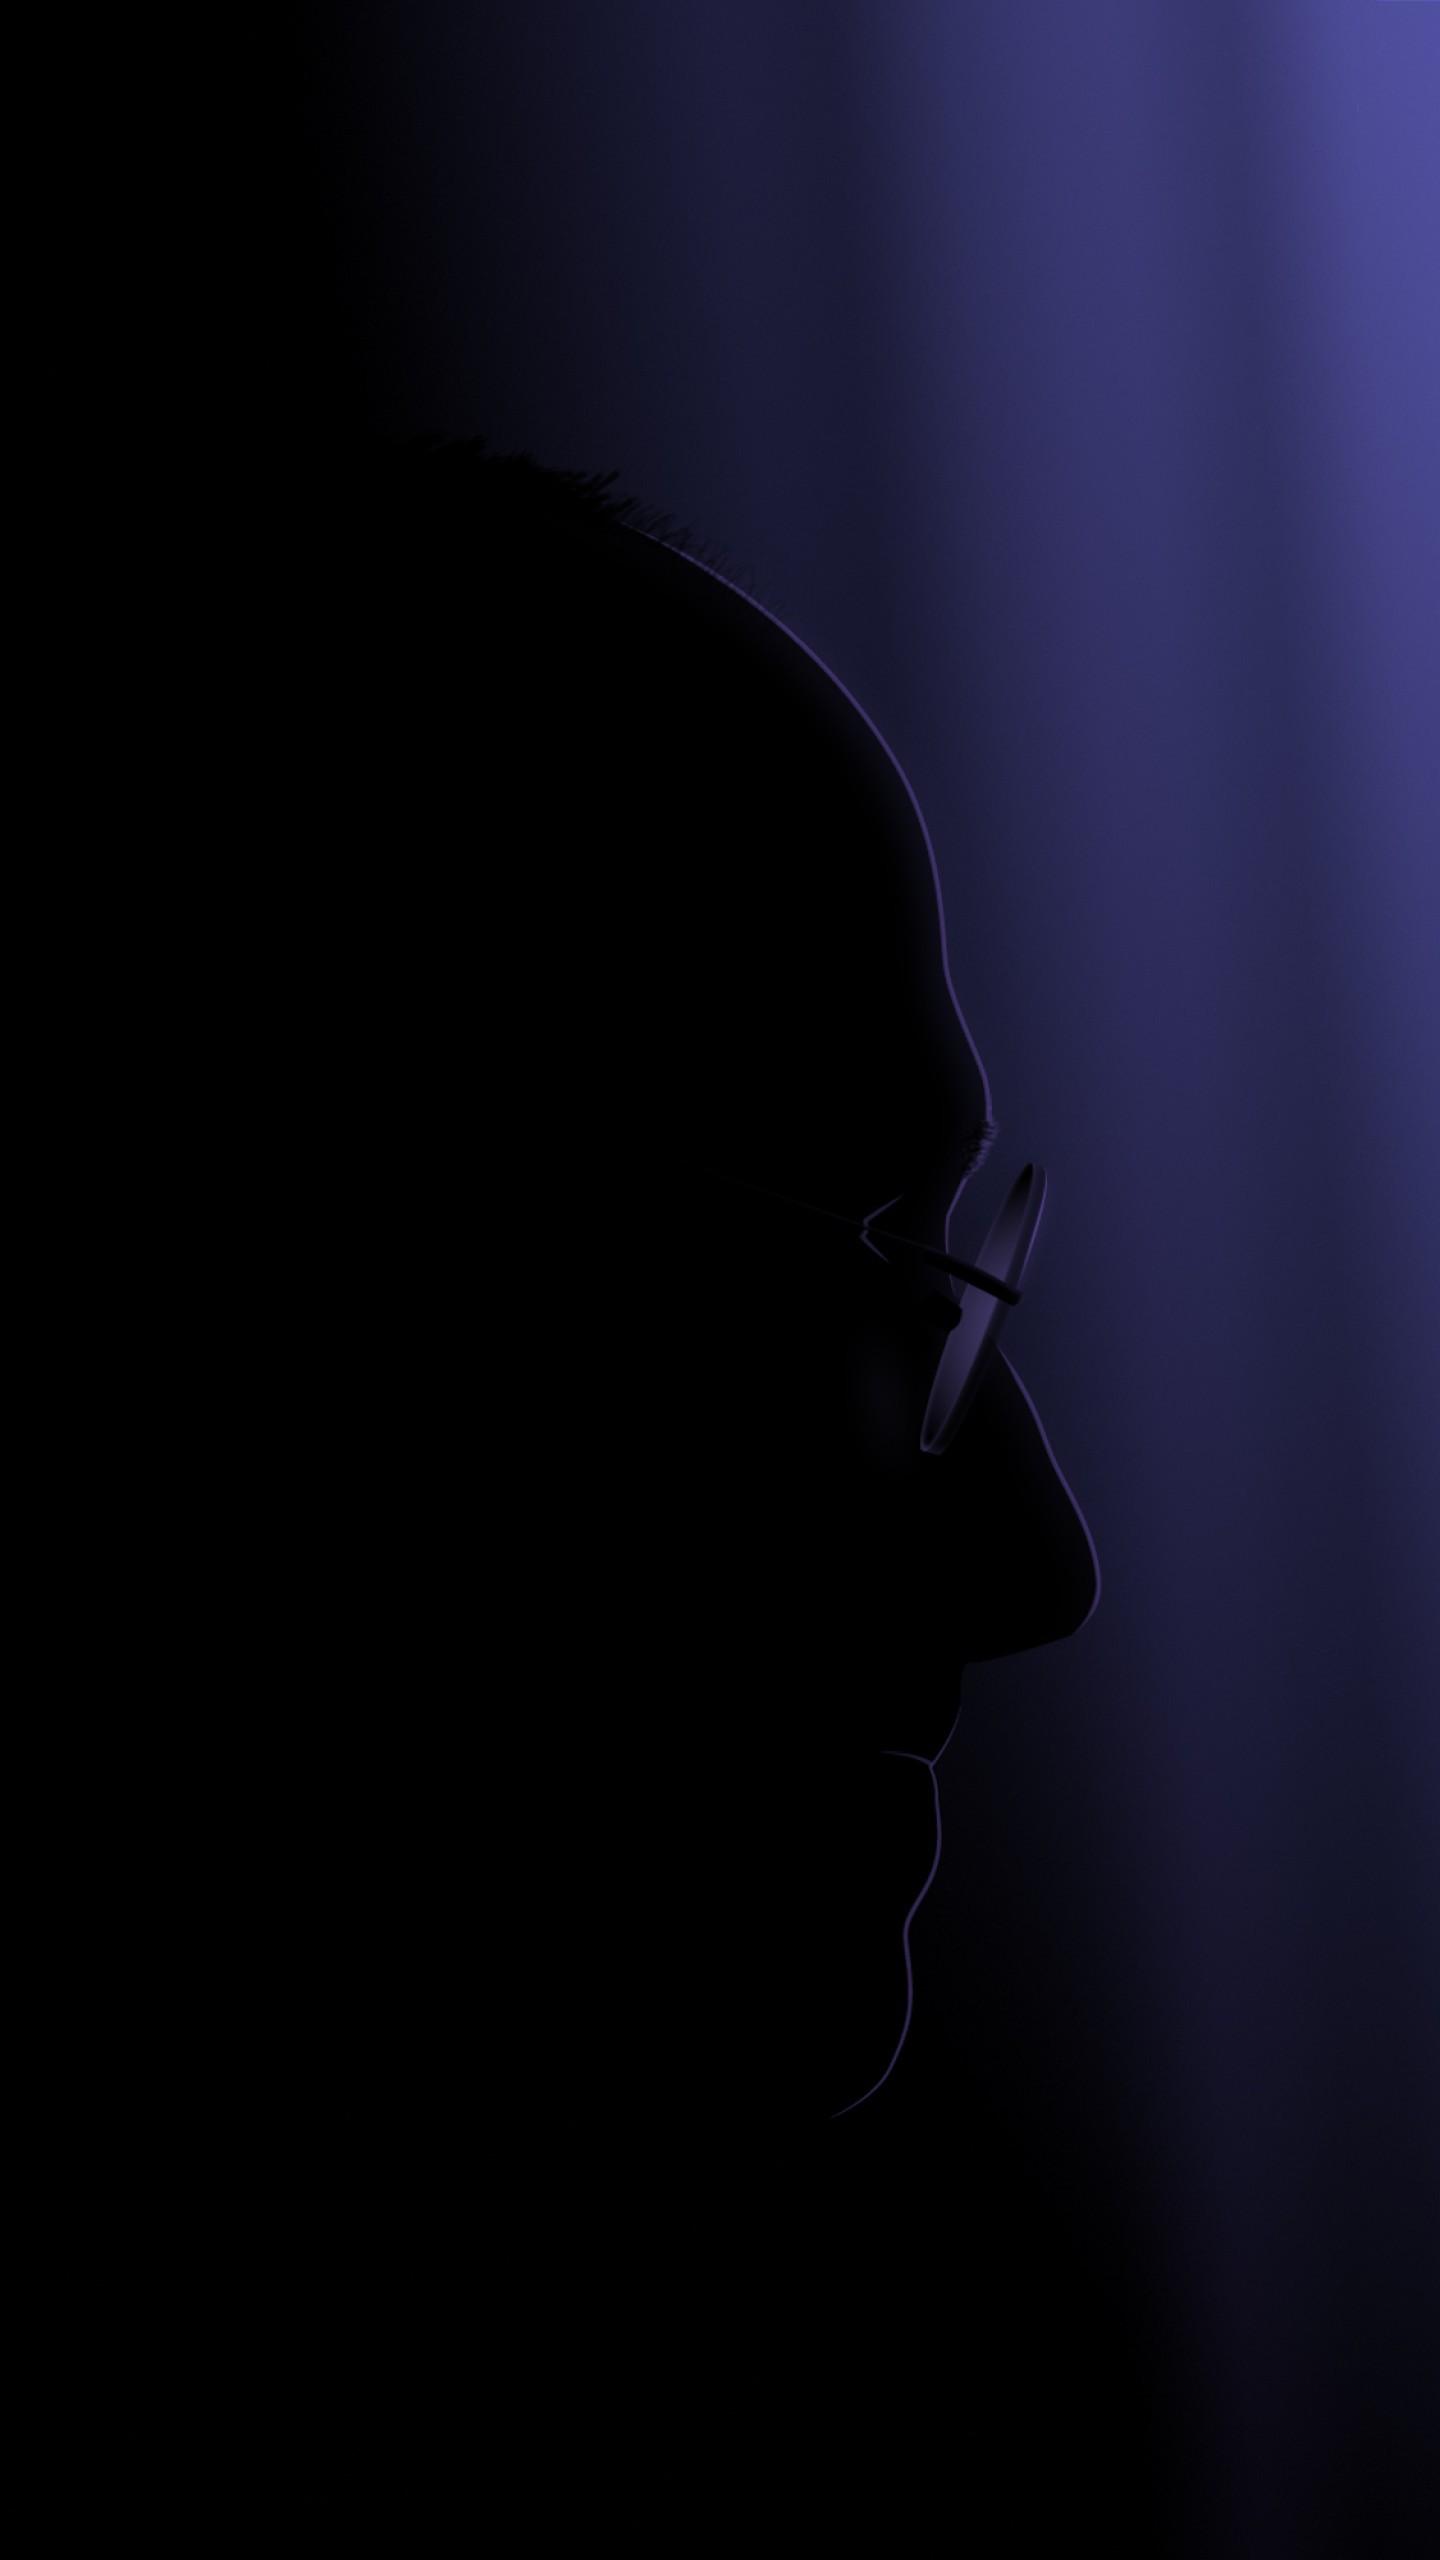 عکس زمینه استیو جابز در صفحه بدون نور پس زمینه